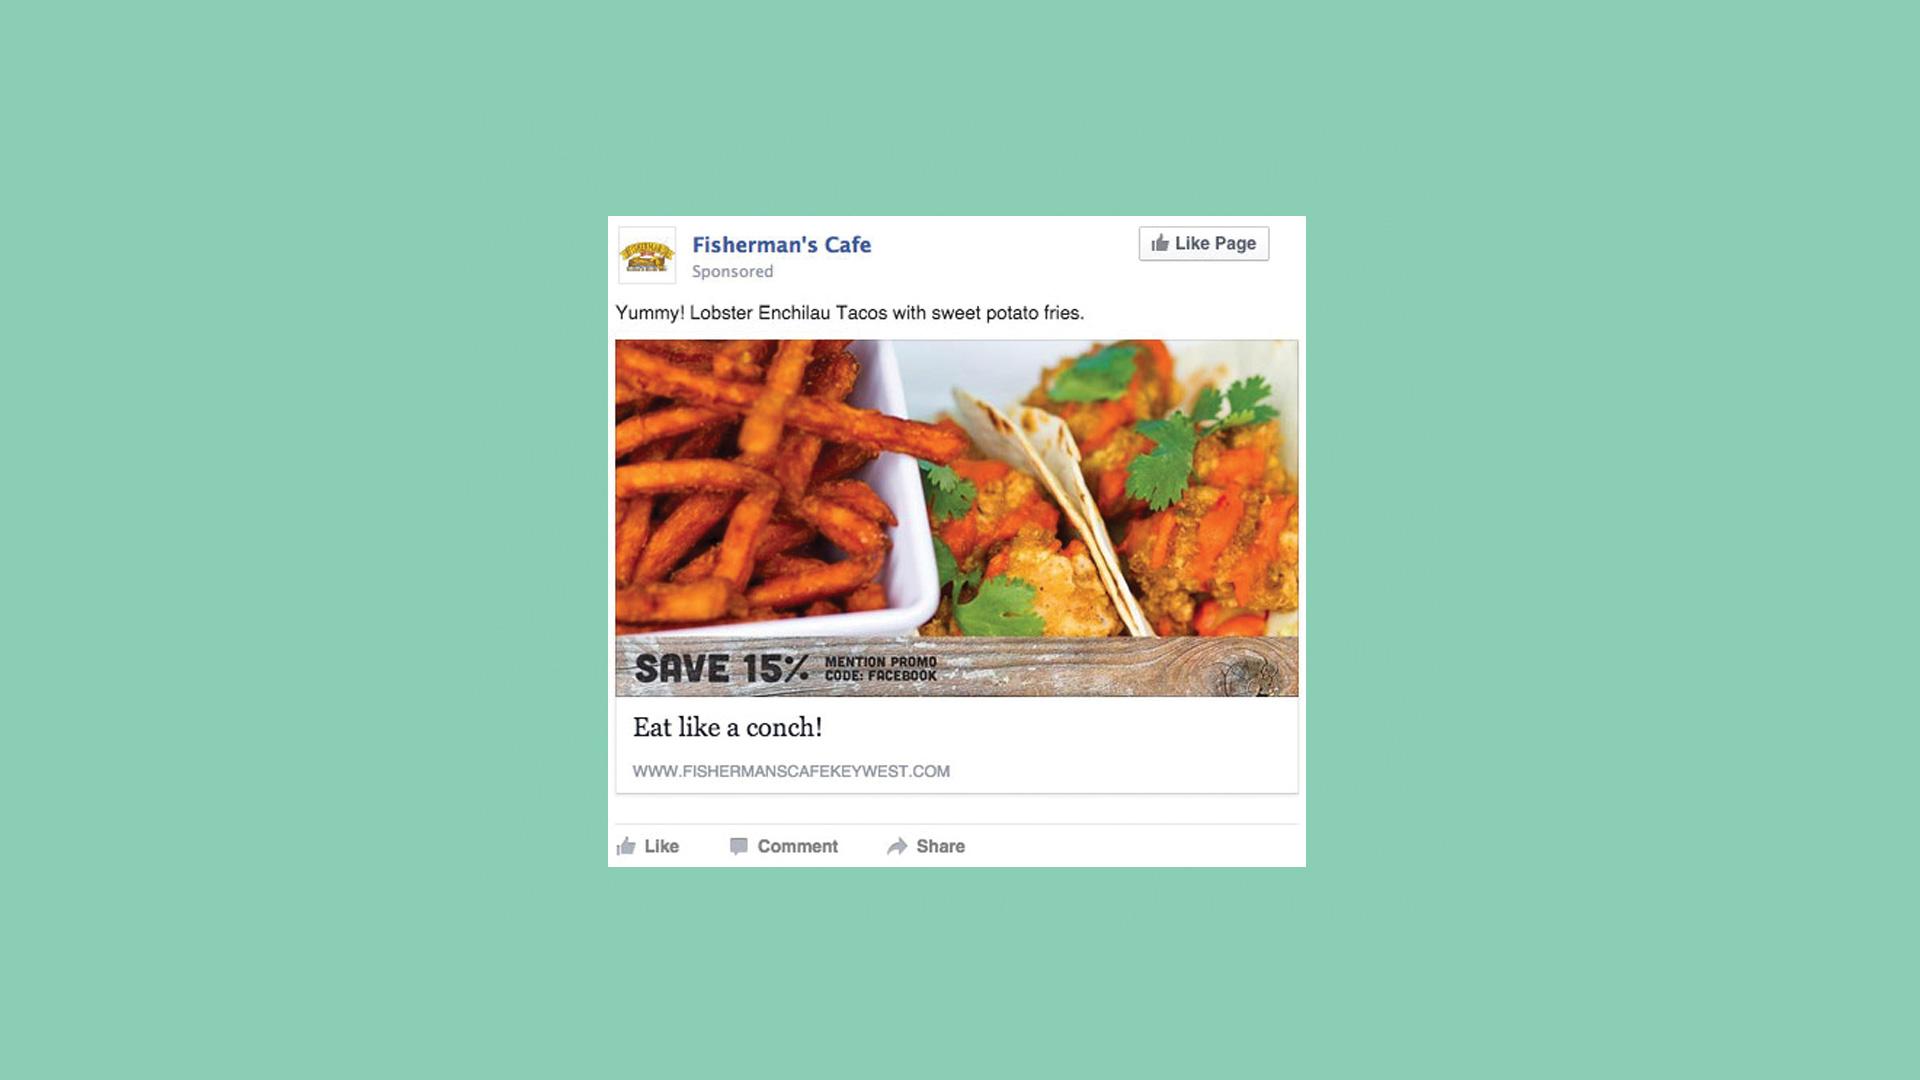 Fisherman's Cafe lobster tacos Facebook post